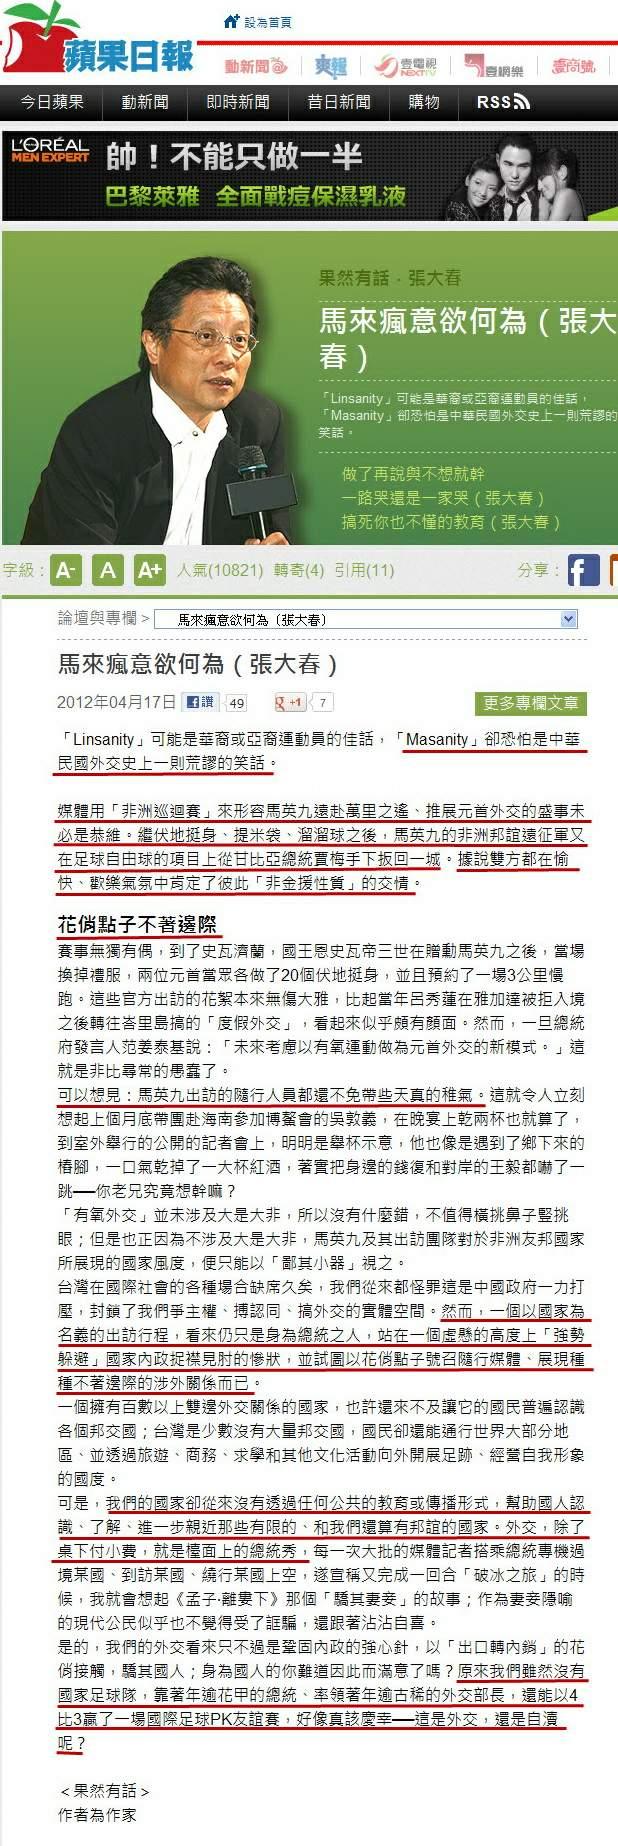 馬來瘋意欲何為(張大春)-2012.04.17